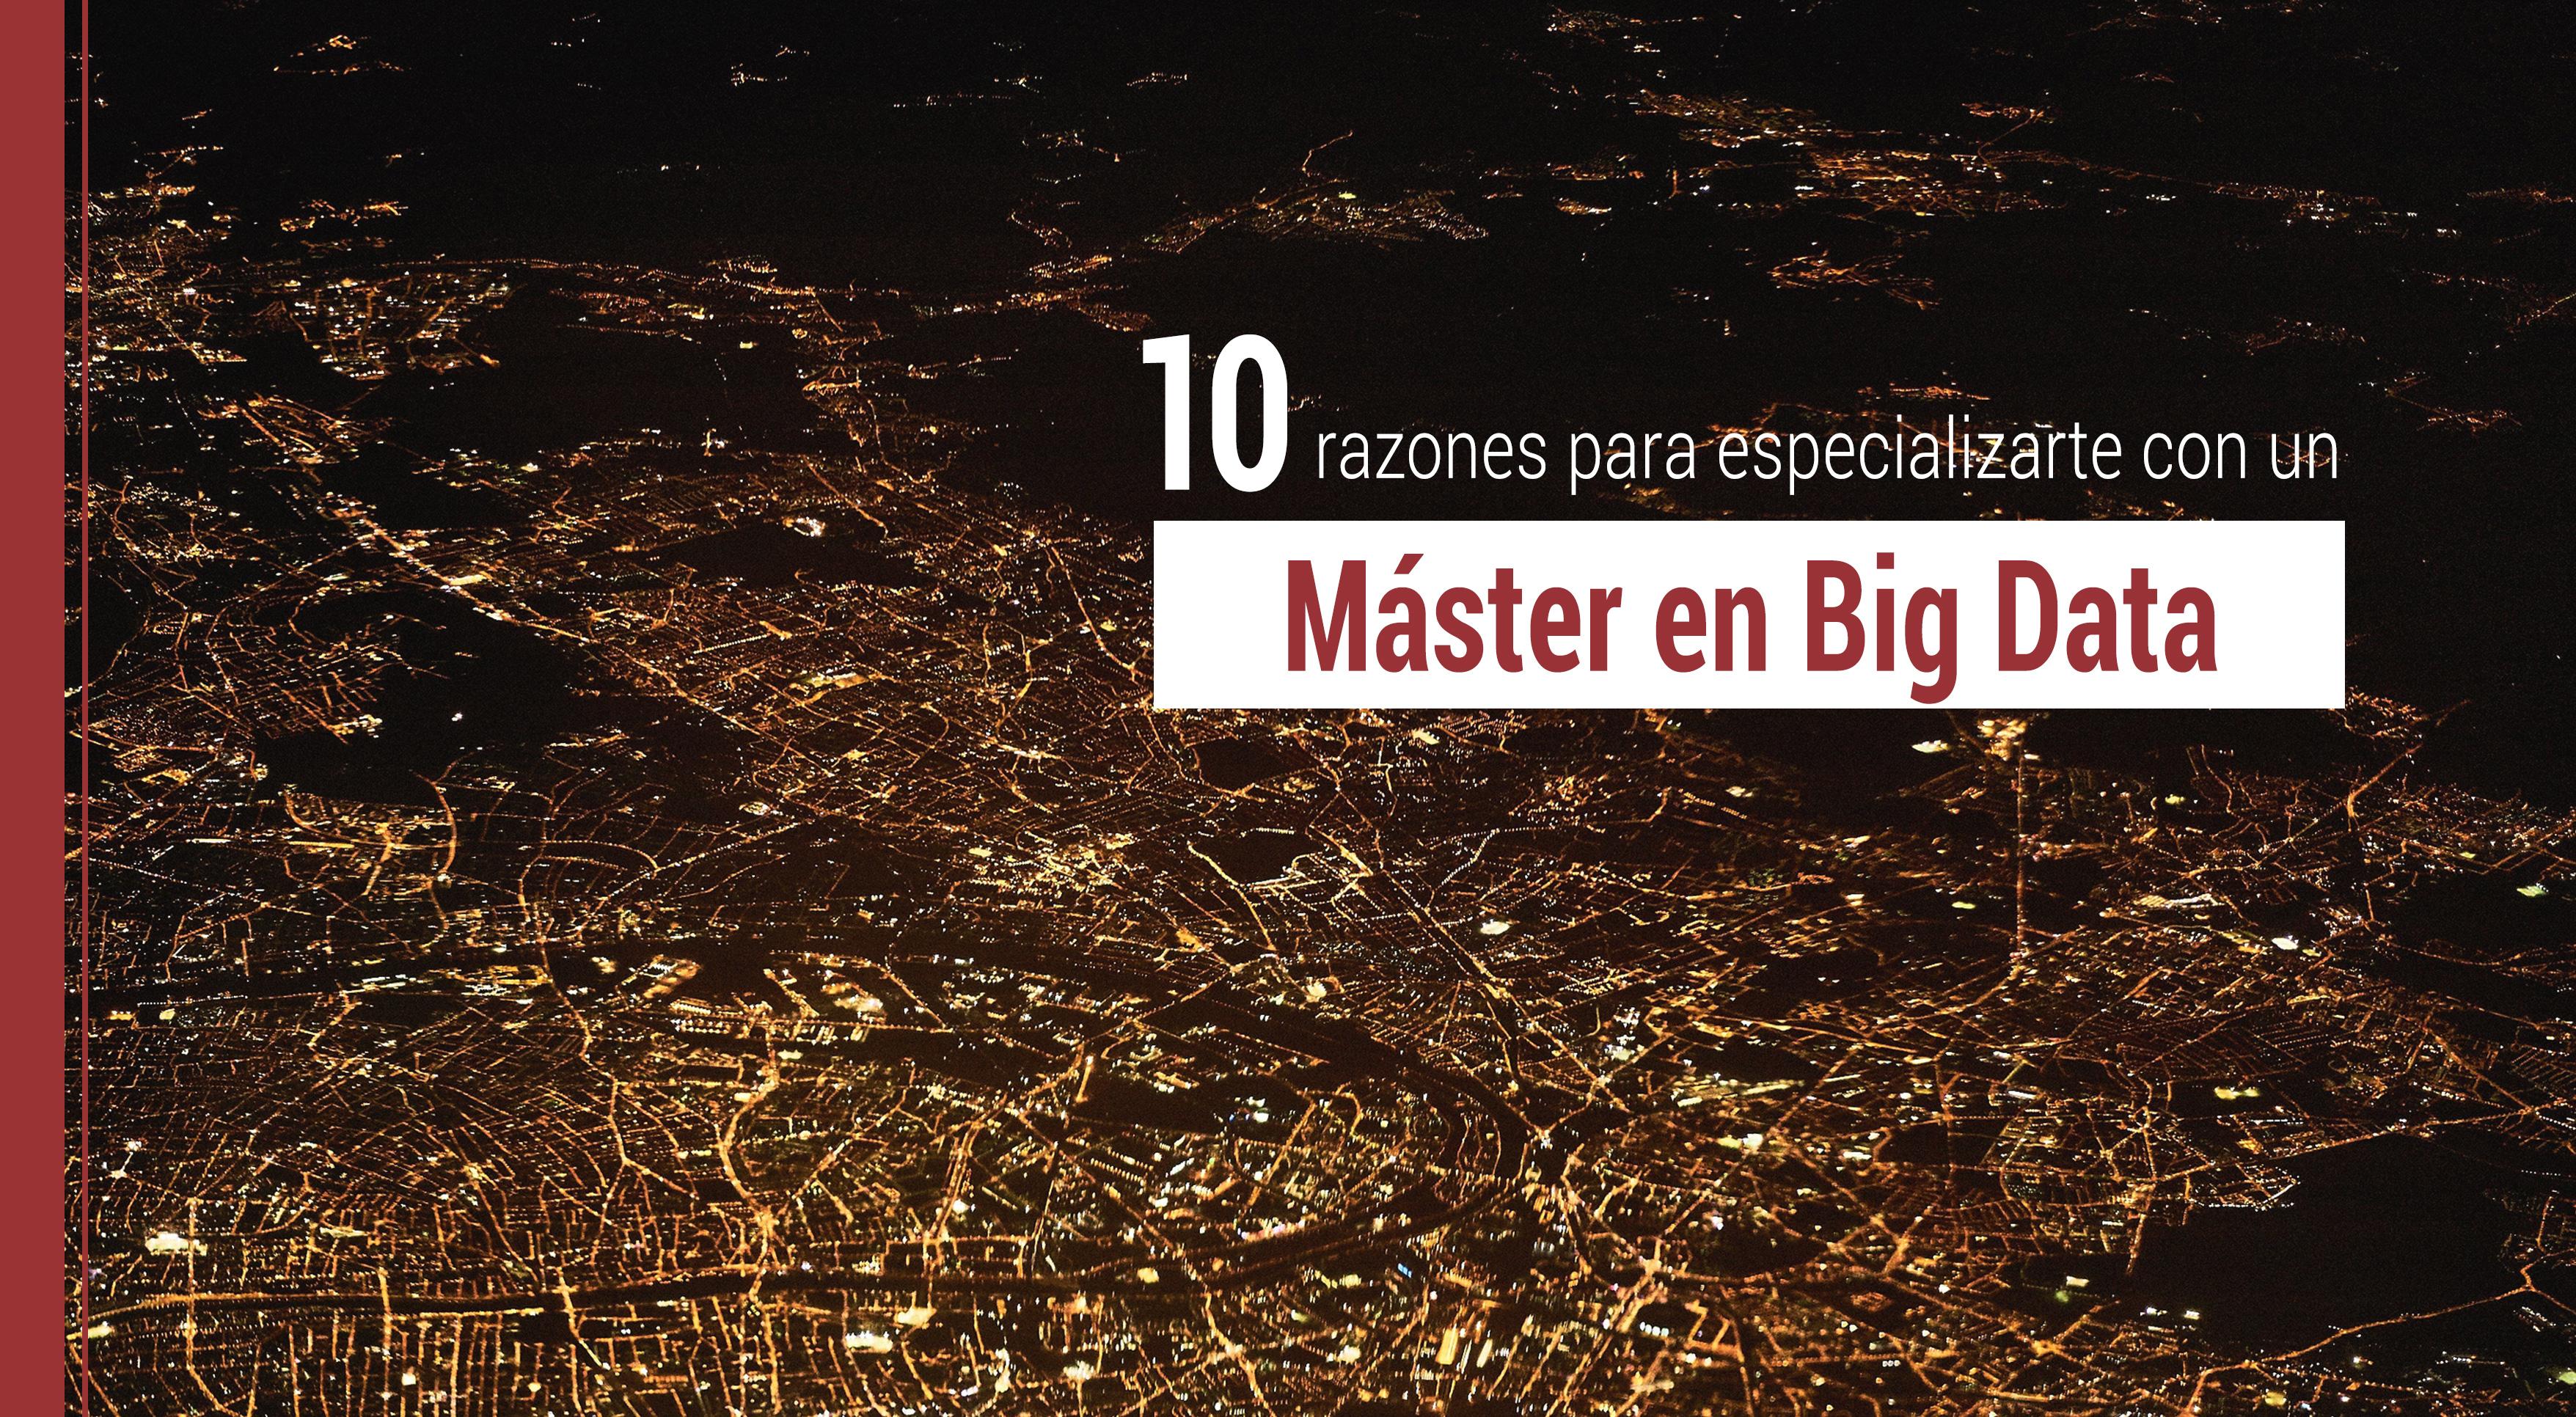 razones para estudiar un master en big data